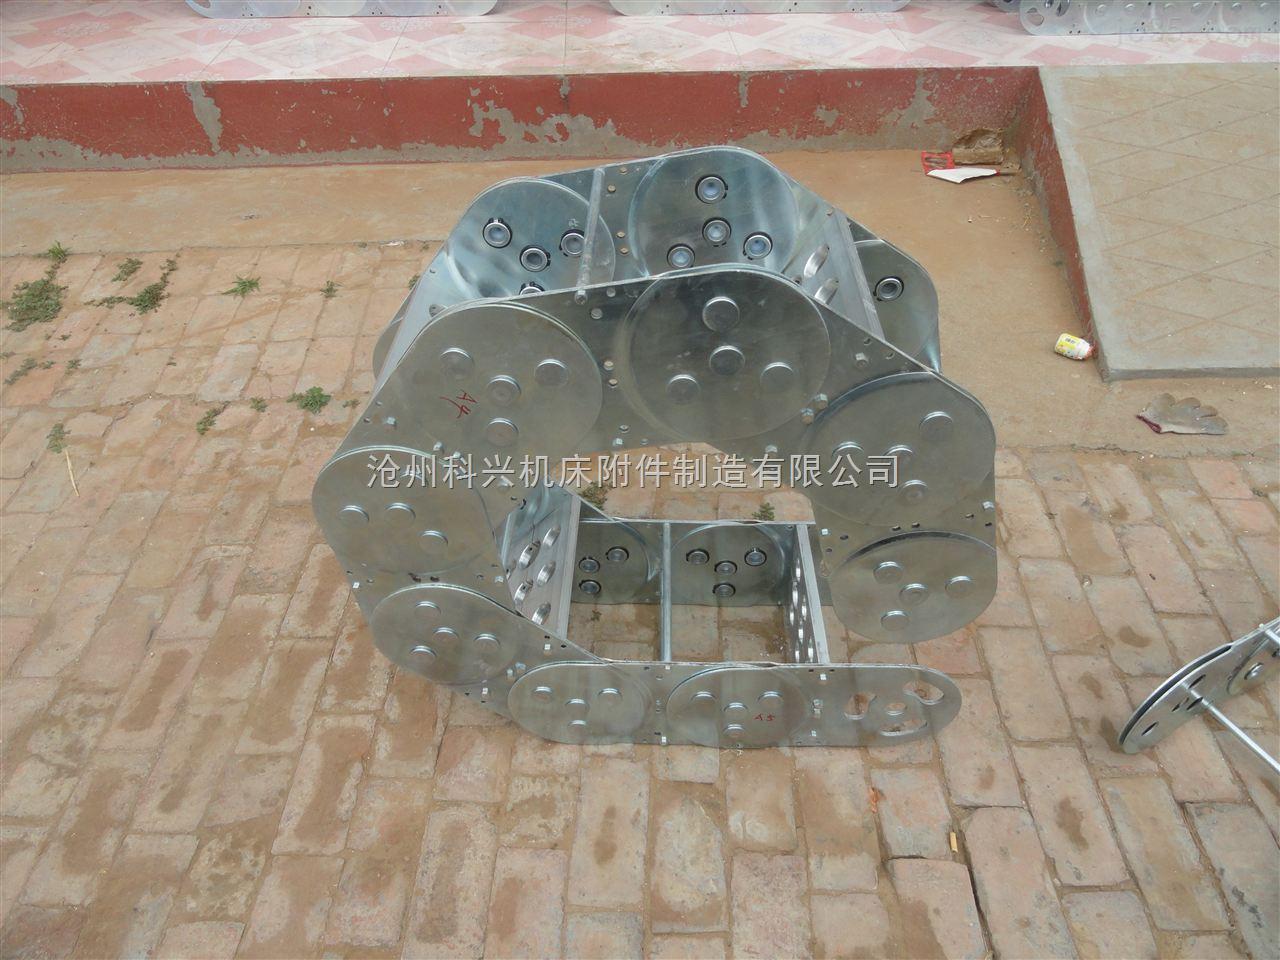 供应木斯钢铝拖链,双鸭山电缆拖链,钢制拖链厂